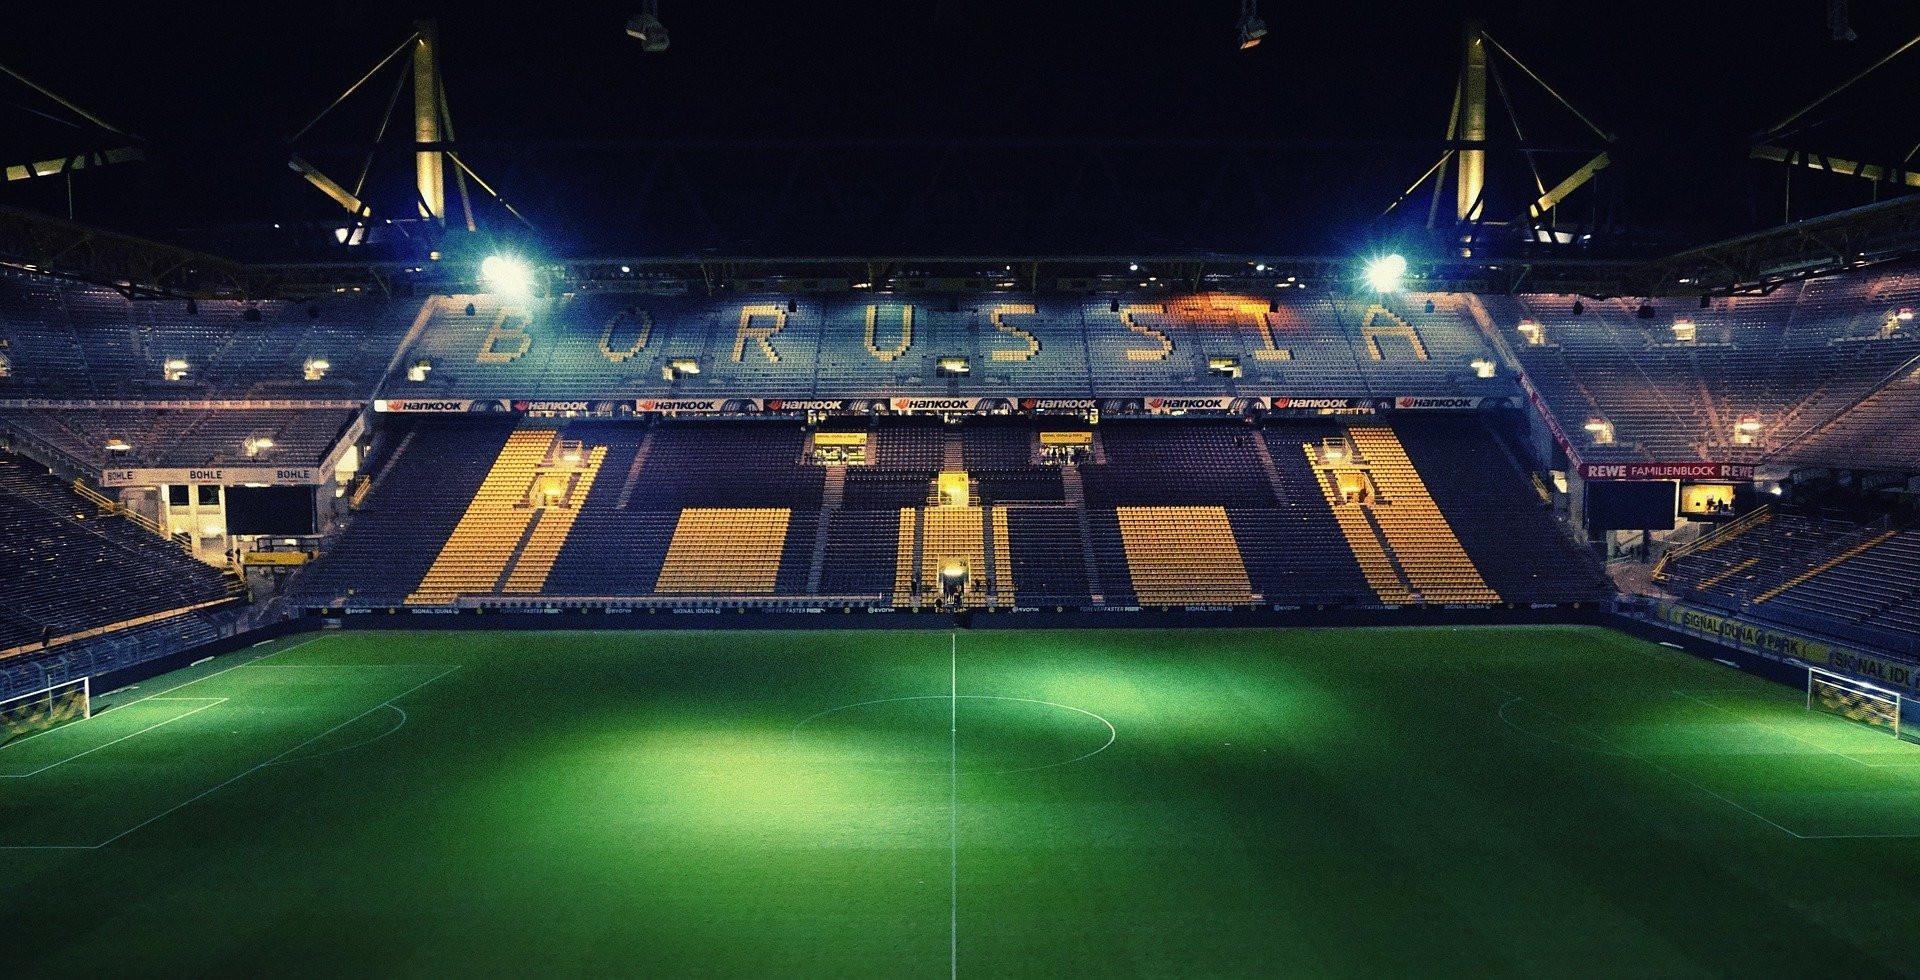 Das Stadion von Borussia Dortmund